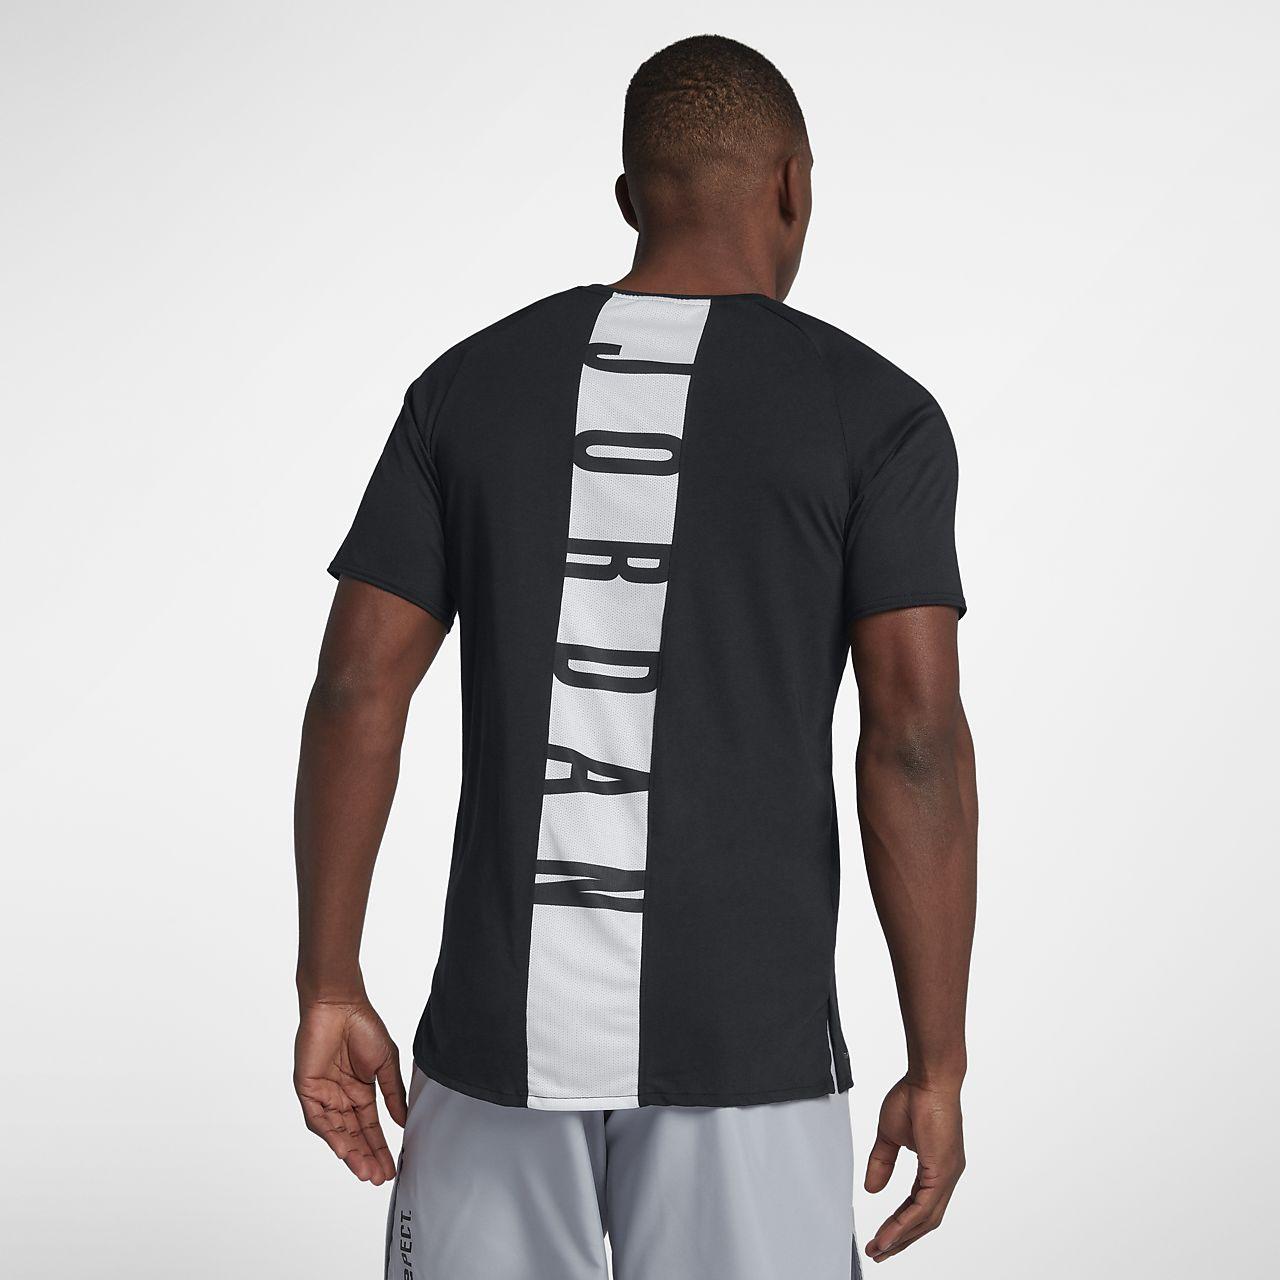 Мужская футболка с коротким рукавом для тренинга Jordan 23 Alpha